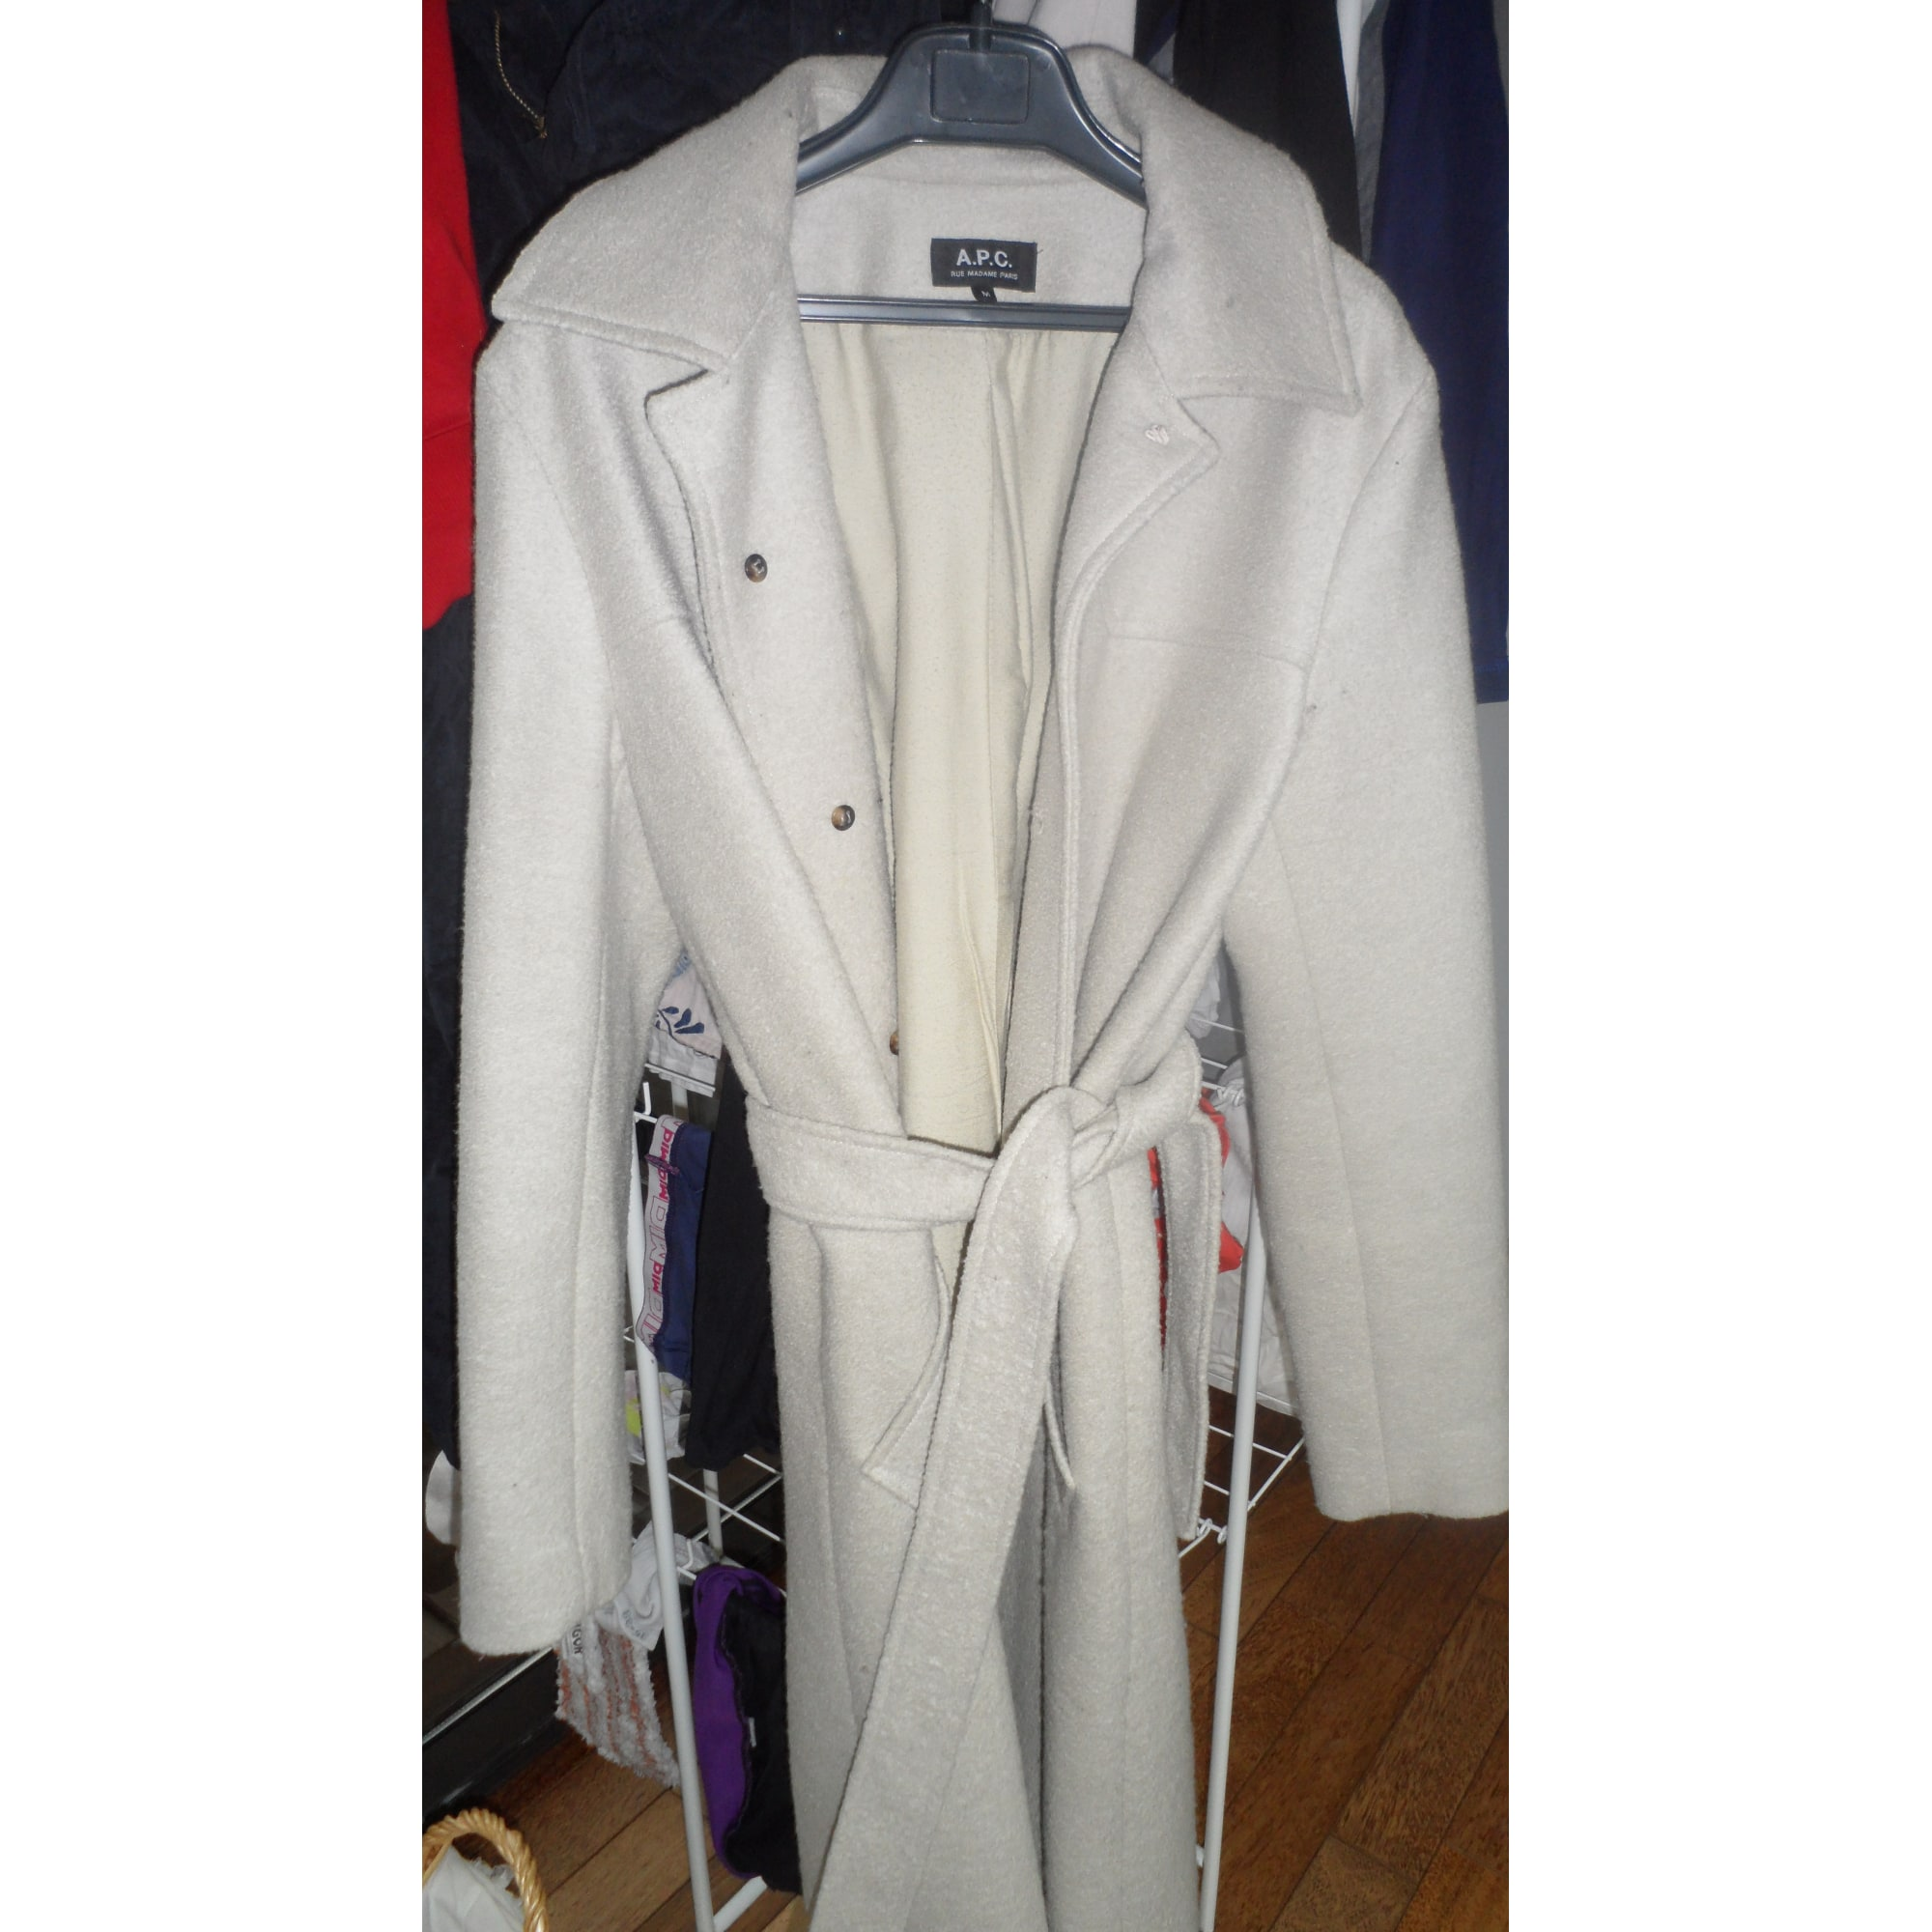 Manteau APC Blanc, blanc cassé, écru